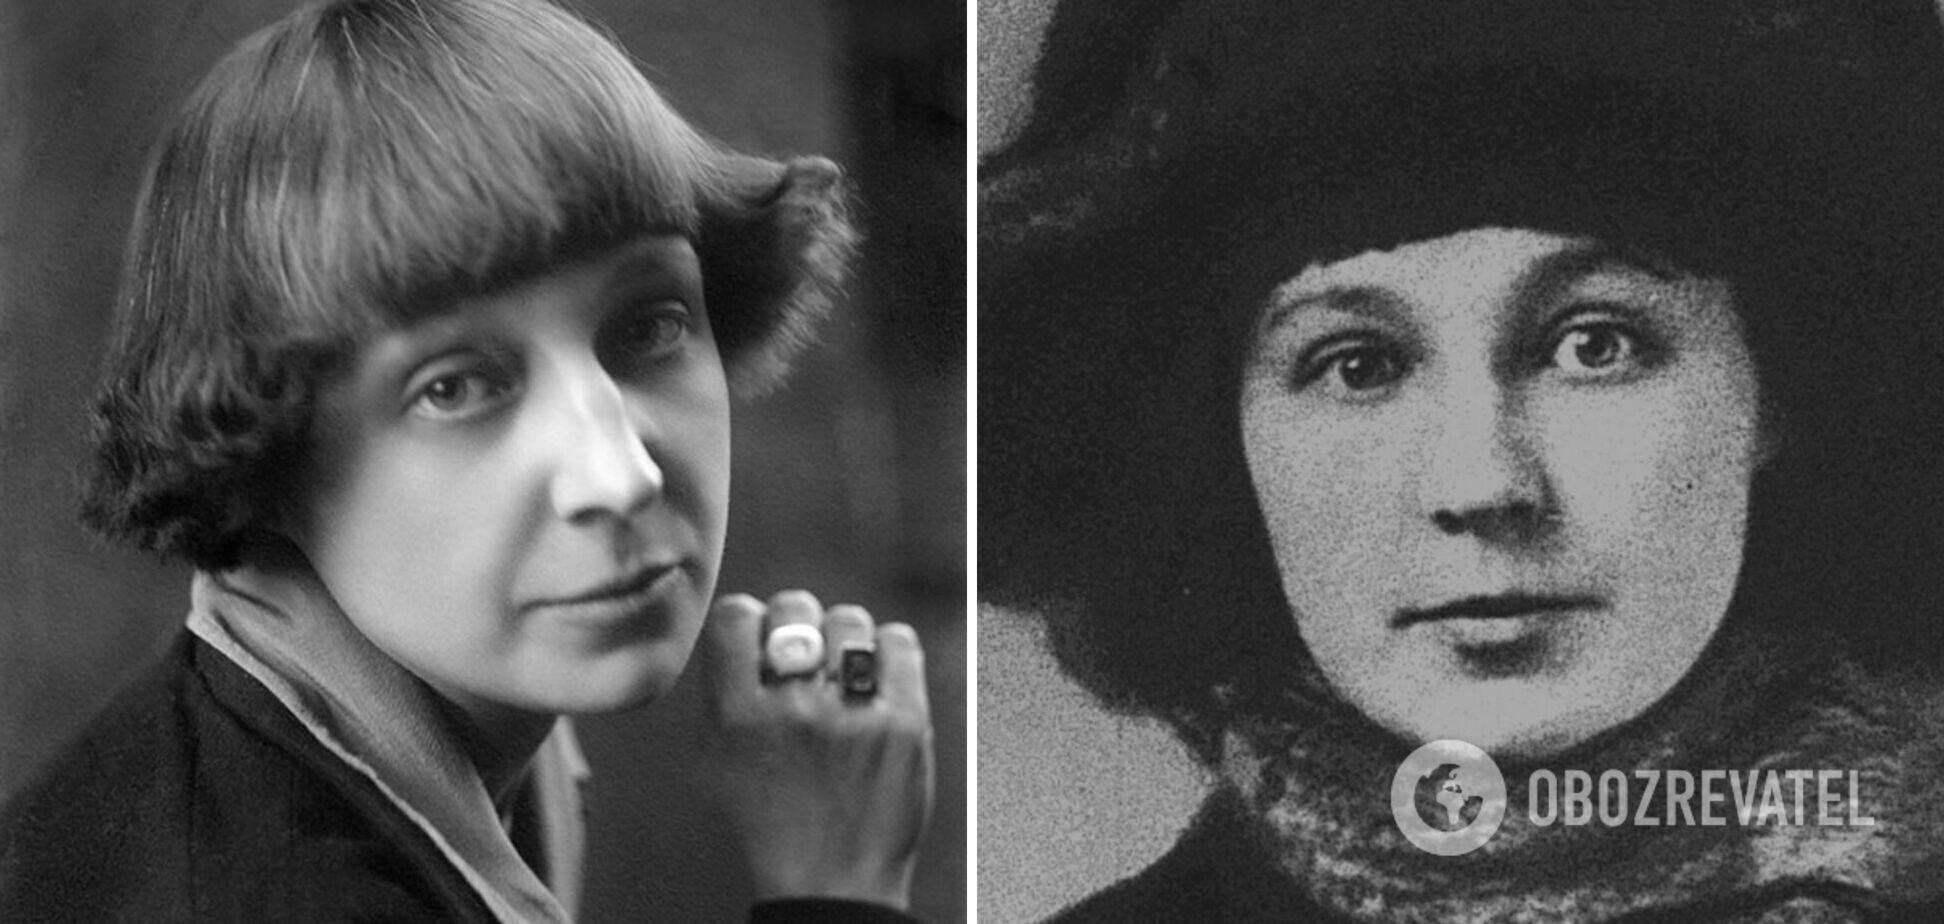 Марина Цвєтаєва народилася 129 років тому